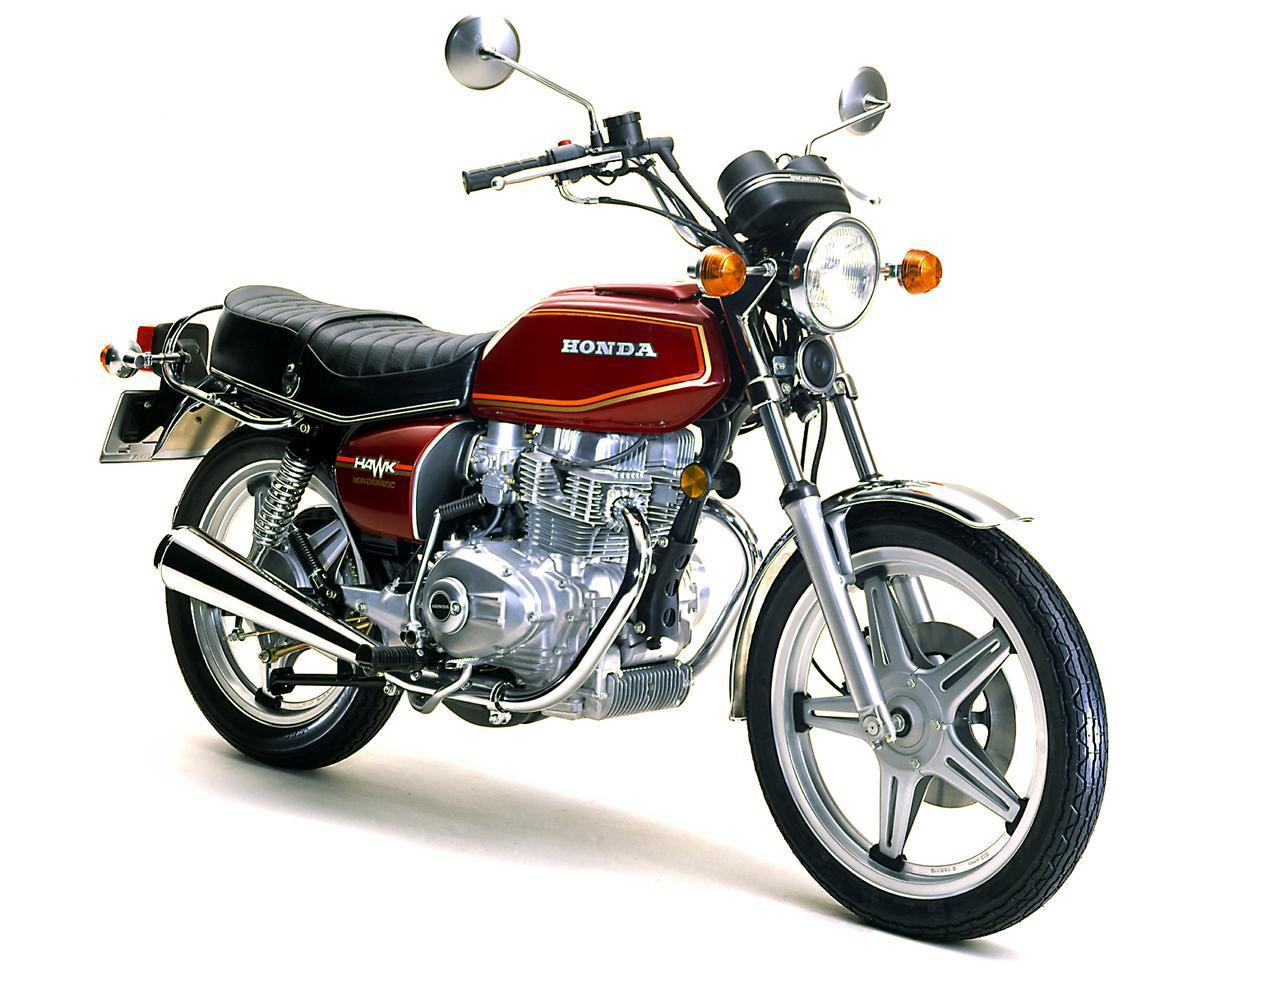 画像: 70年代のAT車 ホンダ「HAWK CB400T-AT〈HONDAMATIC〉」って知ってる?「Honda Collection Hall 収蔵車両走行ビデオ」に4台の名車が追加された! - webオートバイ